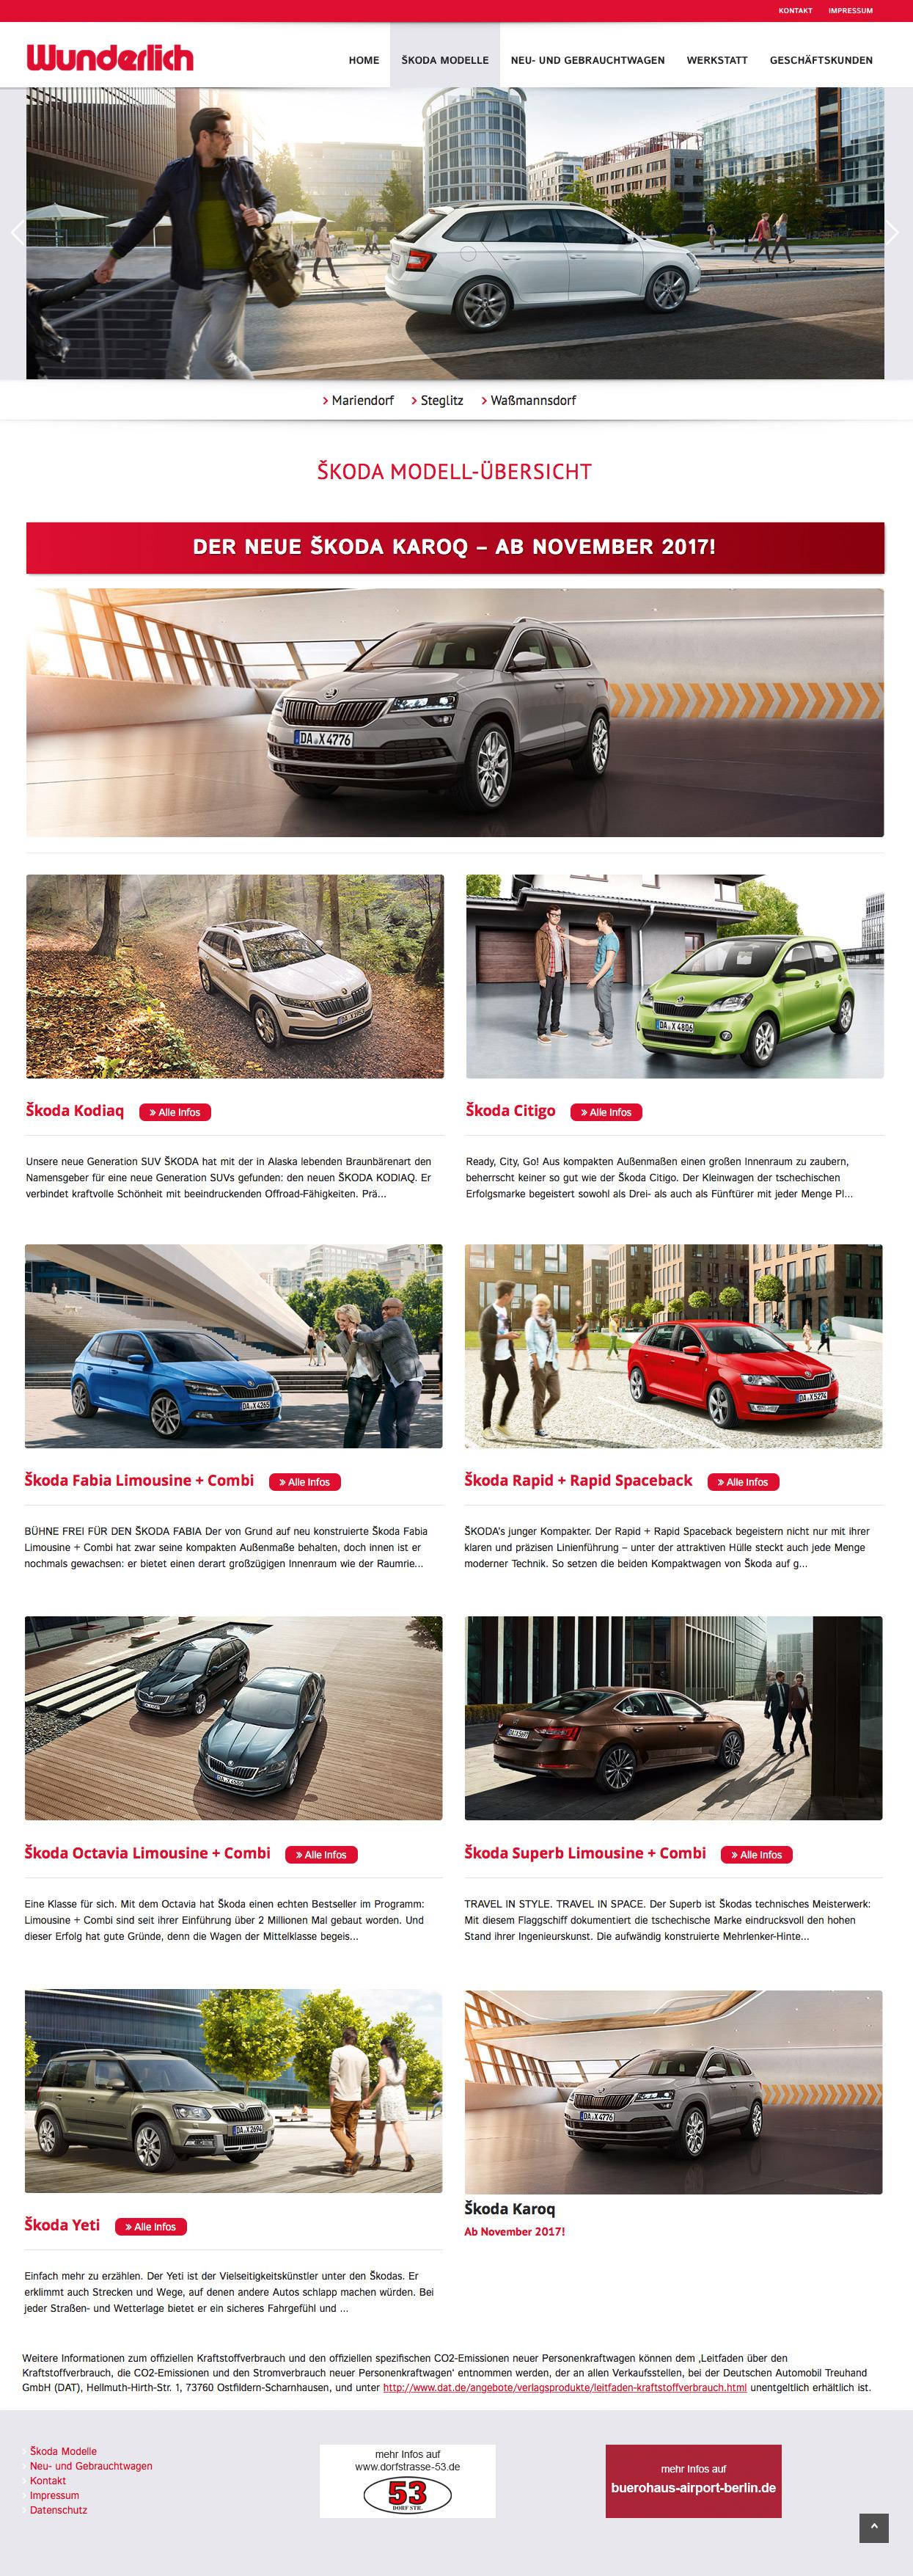 Autohaus Wunderlich Responsive Website